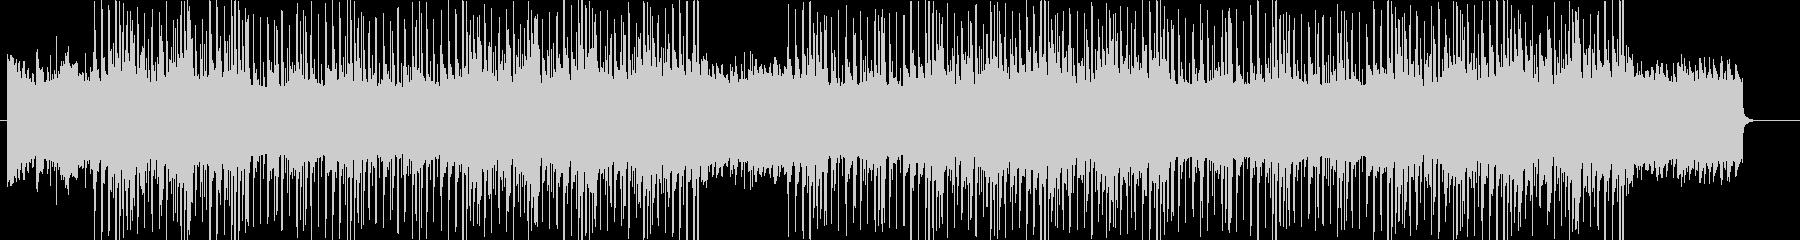 洋楽トラップソウル、R&Bビート♫の未再生の波形